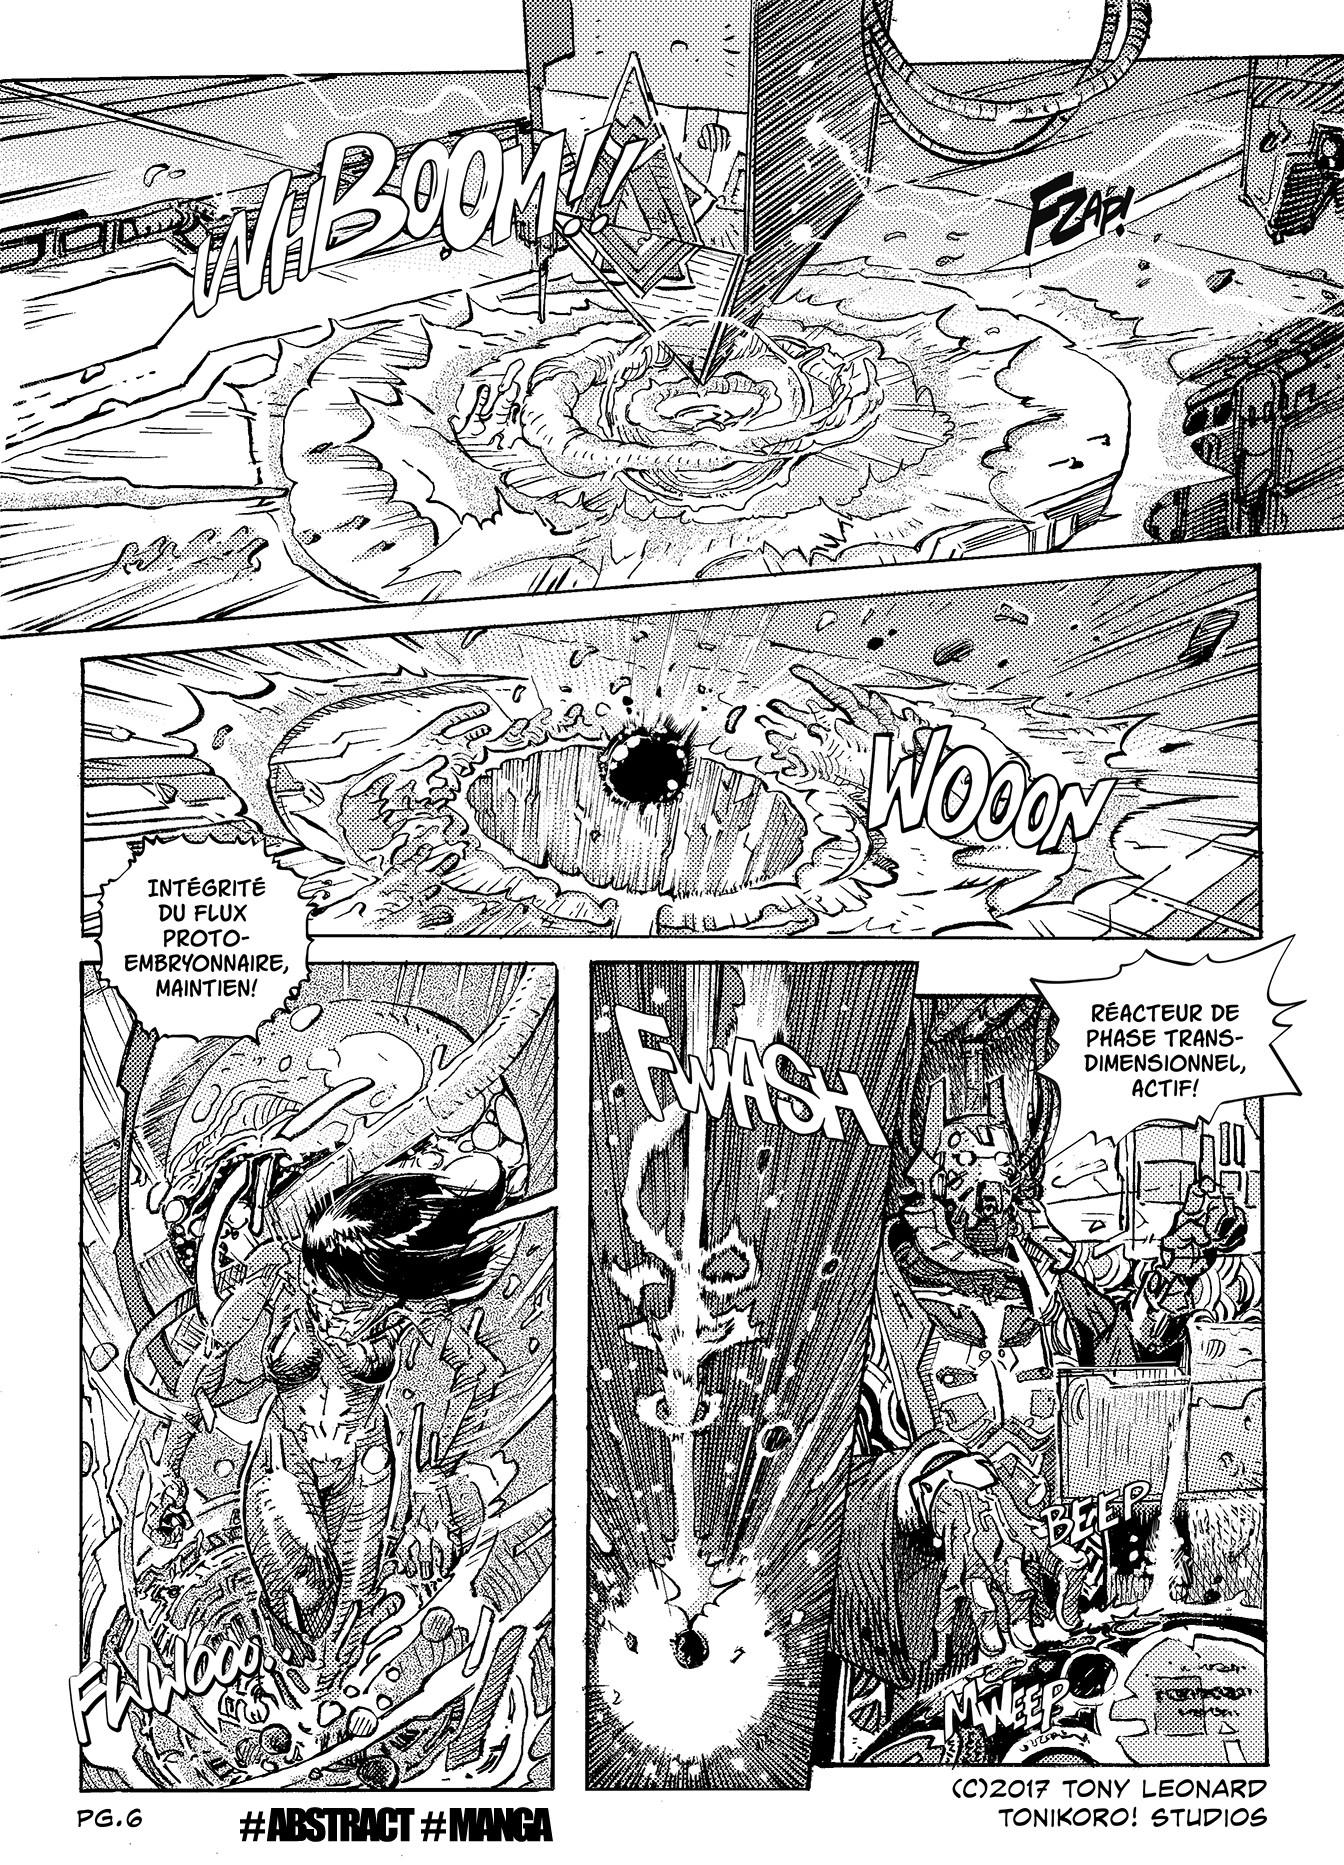 Tony leonard tl abstract manga pg006 prevw